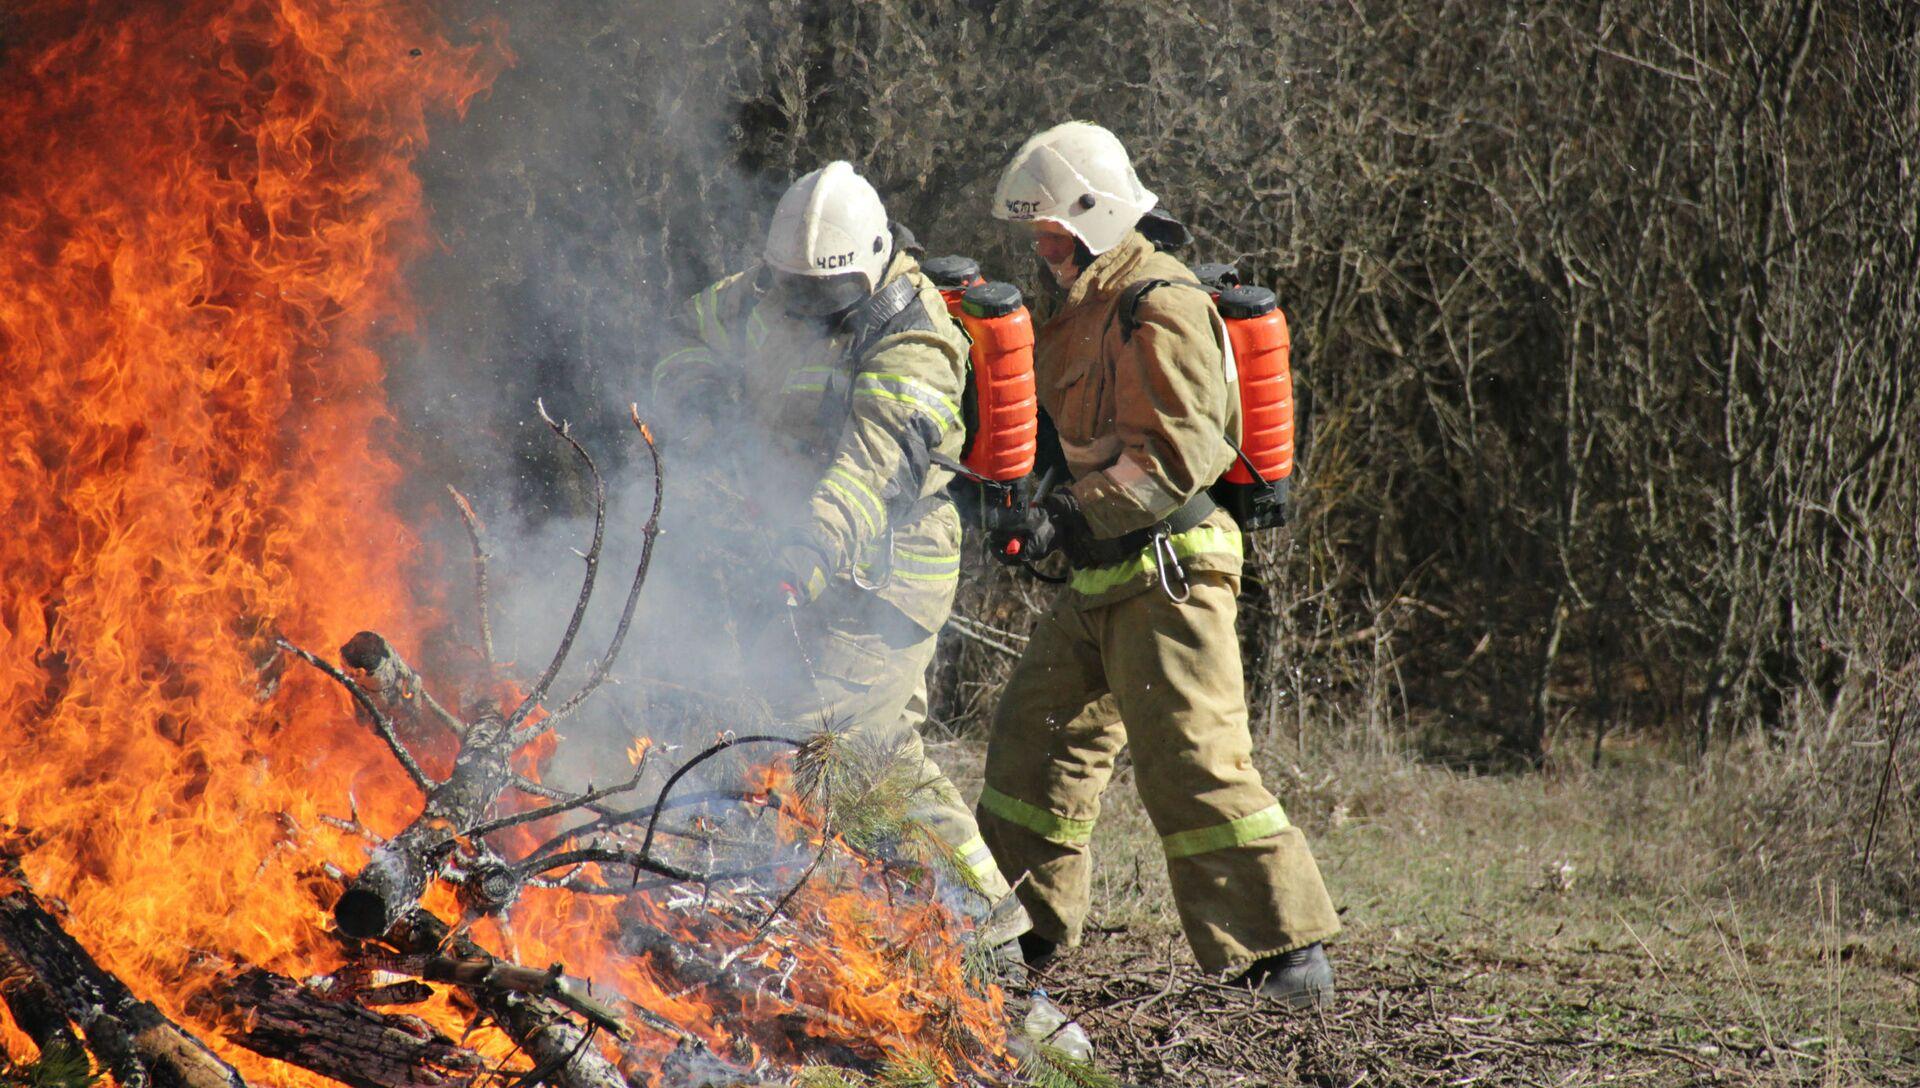 В Крыму прошли учения МЧС по тушению лесных пожаров - РИА Новости, 1920, 26.07.2021